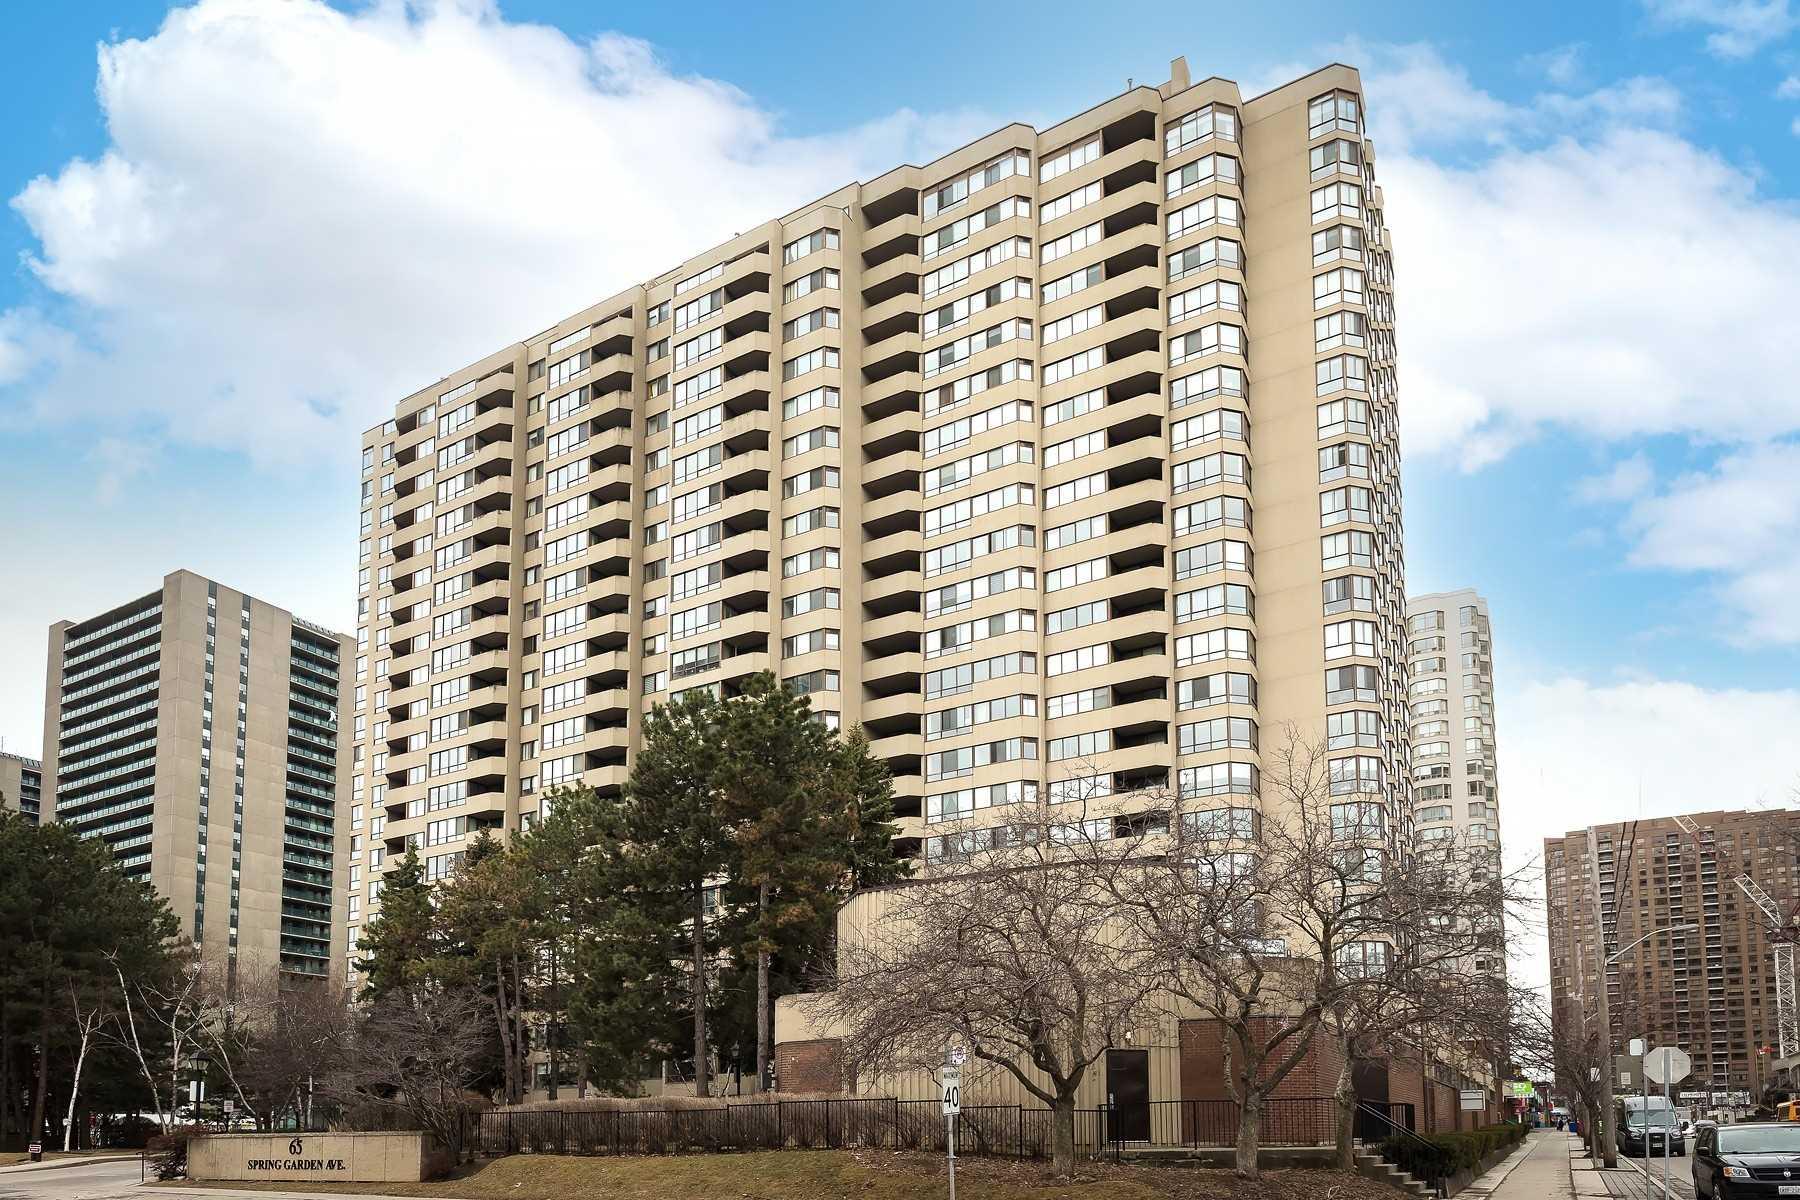 405-65-spring-garden-ave